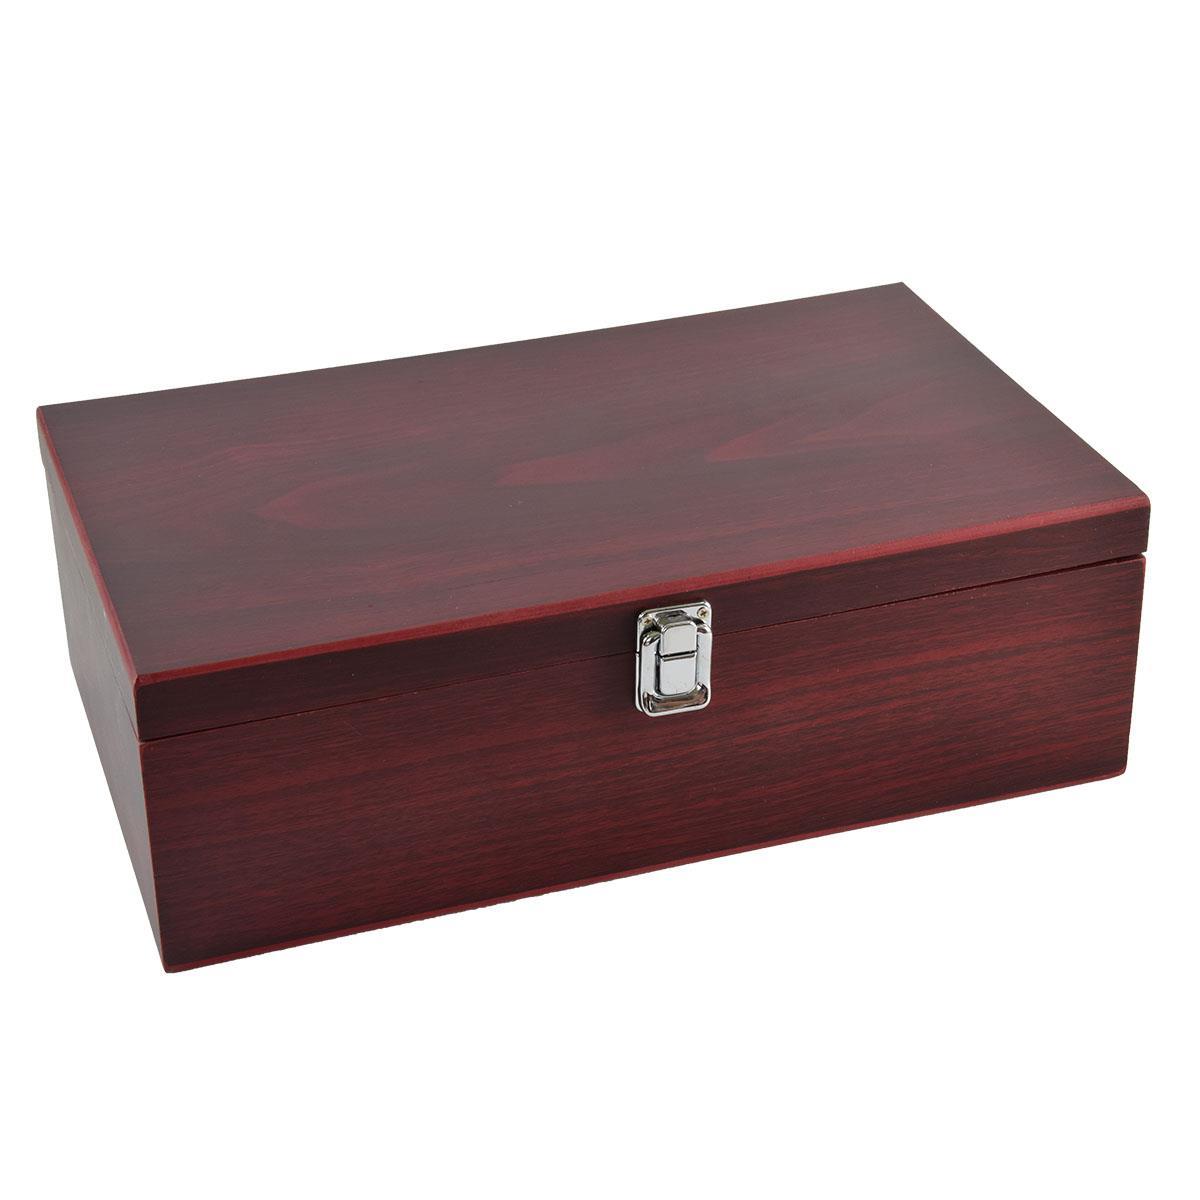 Ξύλινο κουτί με αξεσουάρ για κρασί 2 φιαλών